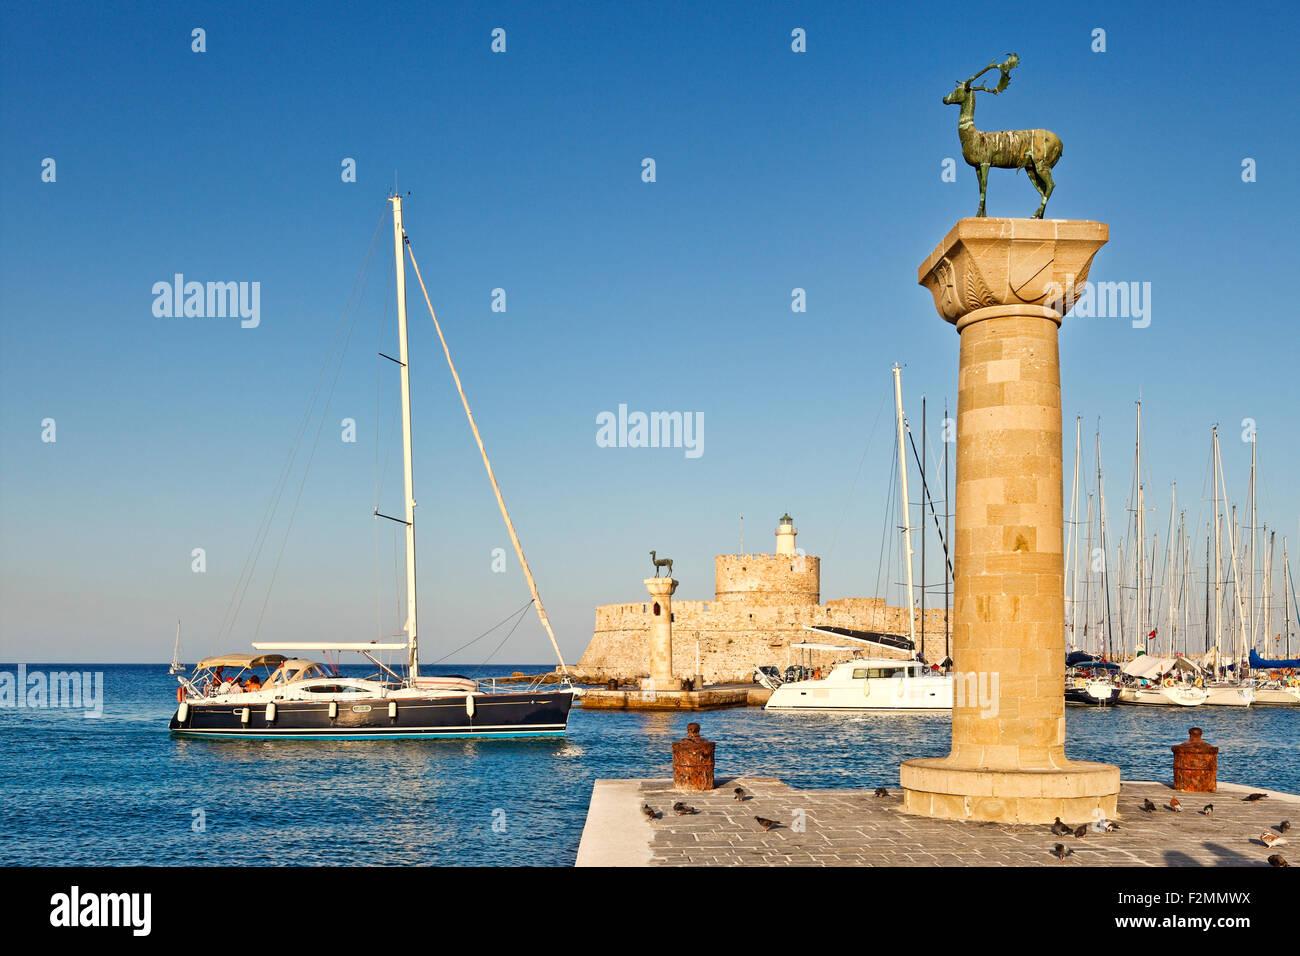 Der Eingang mit der Hirsche auf den alten Hafen von Rhodos, Griechenland Stockbild